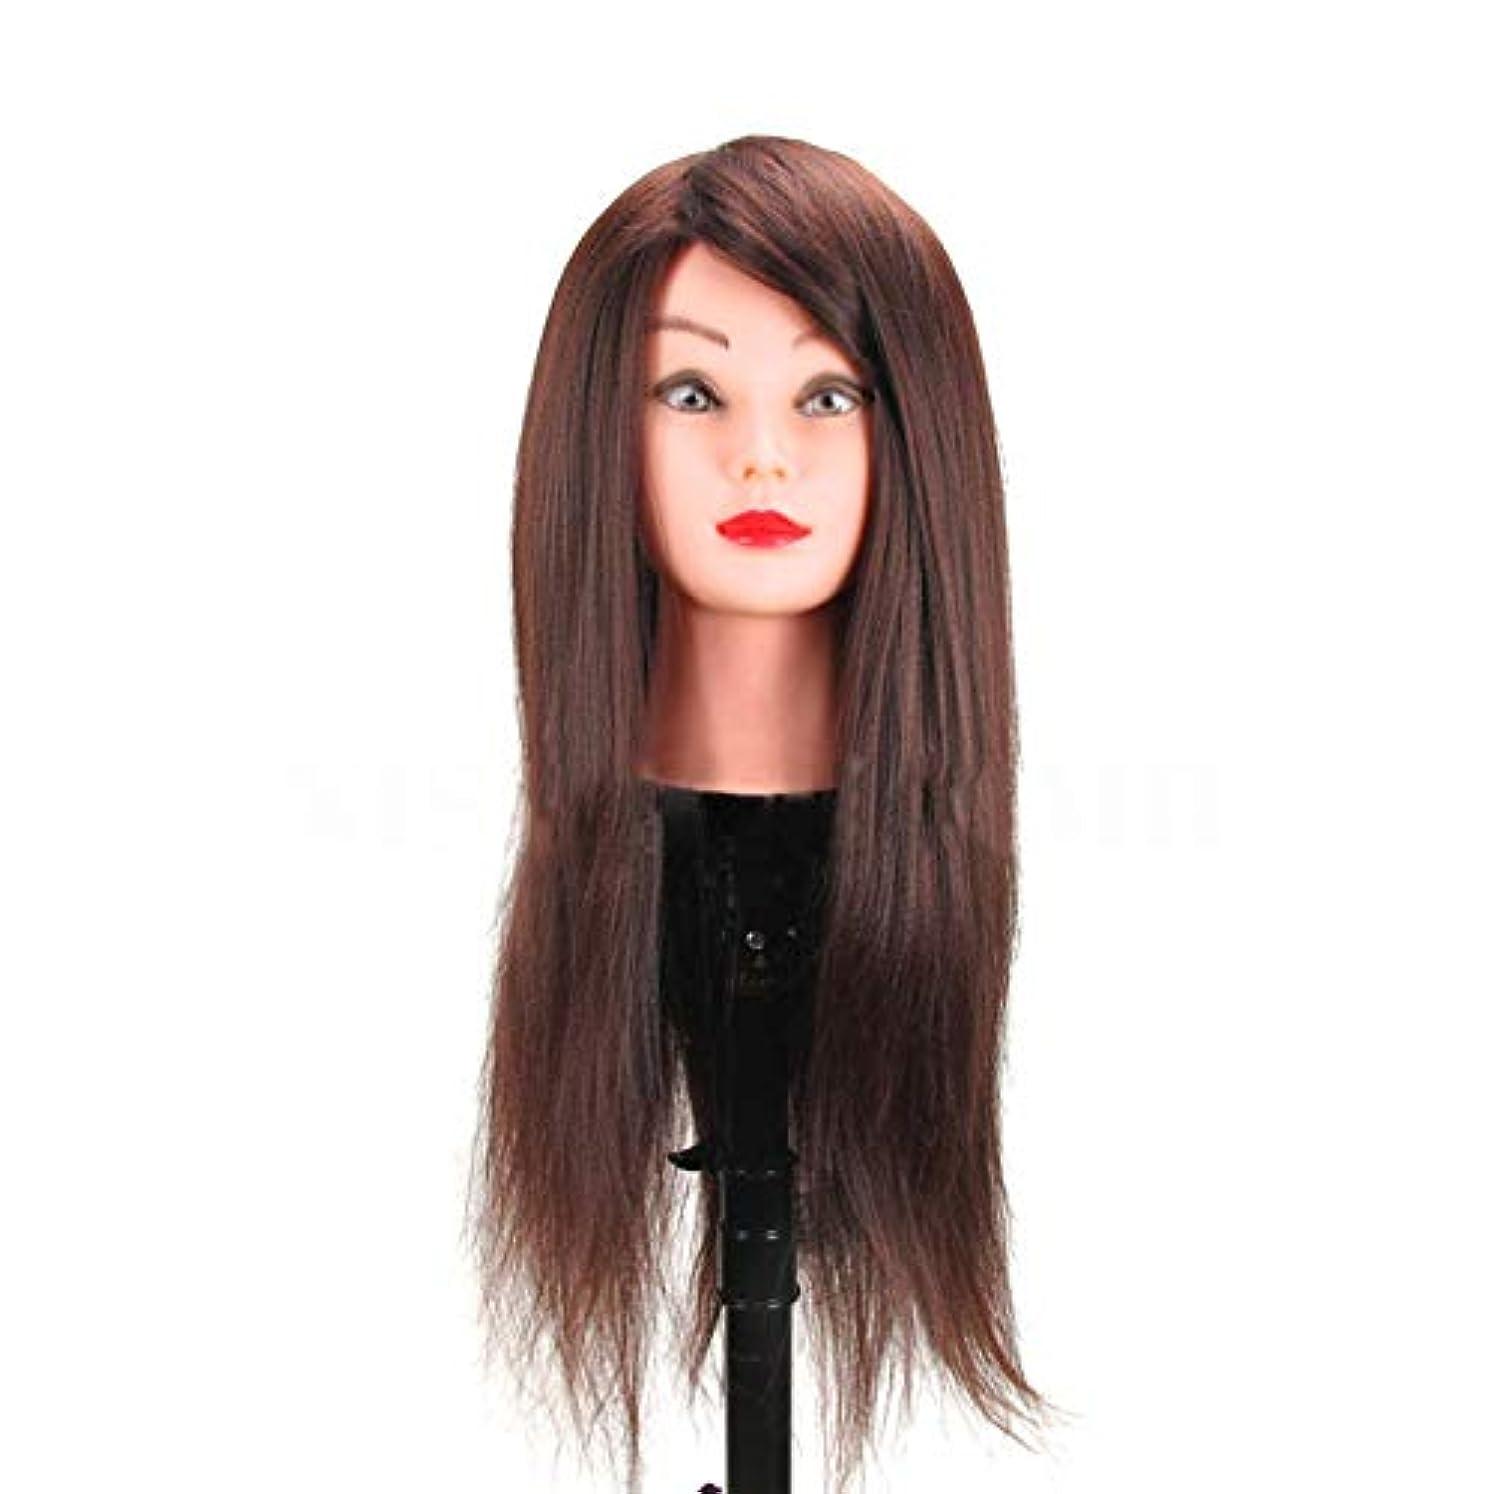 風景チーム鳩高温シルク編組ヘアスタイリングヘッドモデル理髪店理髪ダミーヘッド化粧練習マネキンヘッド